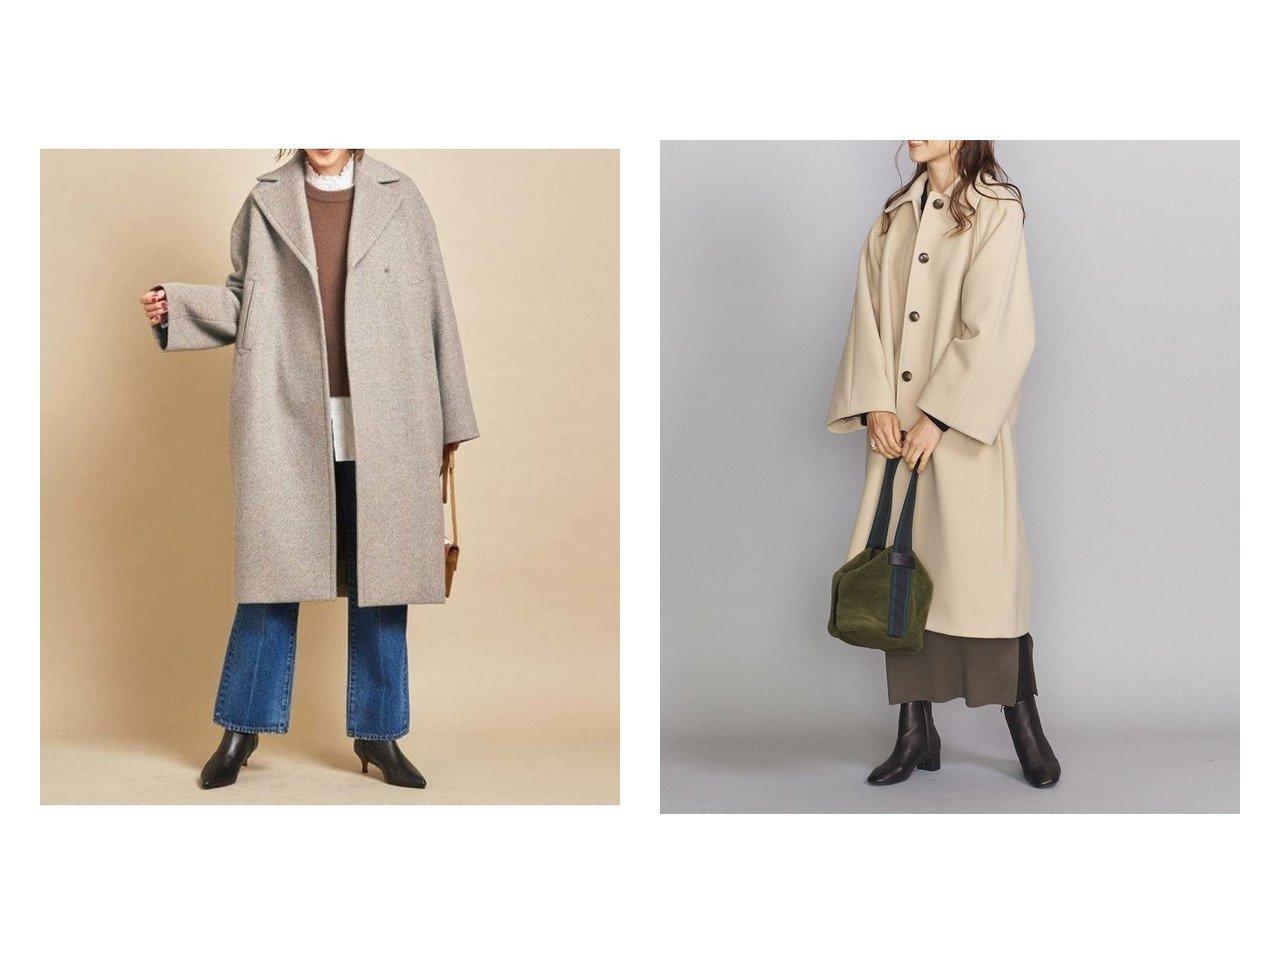 【BEAUTY&YOUTH UNITED ARROWS/ビューティアンド ユースユナイテッドアローズ】のBY モッサワイドスリーブステンカラーコート&BY MANTECO メランジミドルコート アウターのおすすめ!人気トレンド・レディースファッションの通販 おすすめで人気のファッション通販商品 インテリア・家具・キッズファッション・メンズファッション・レディースファッション・服の通販 founy(ファニー) https://founy.com/ ファッション Fashion レディース WOMEN アウター Coat Outerwear コート Coats ジャケット Jackets イタリア ジャケット スリーブ ミックス ミドル メランジ クラシカル ロング ワイド 冬 Winter  ID:crp329100000006593